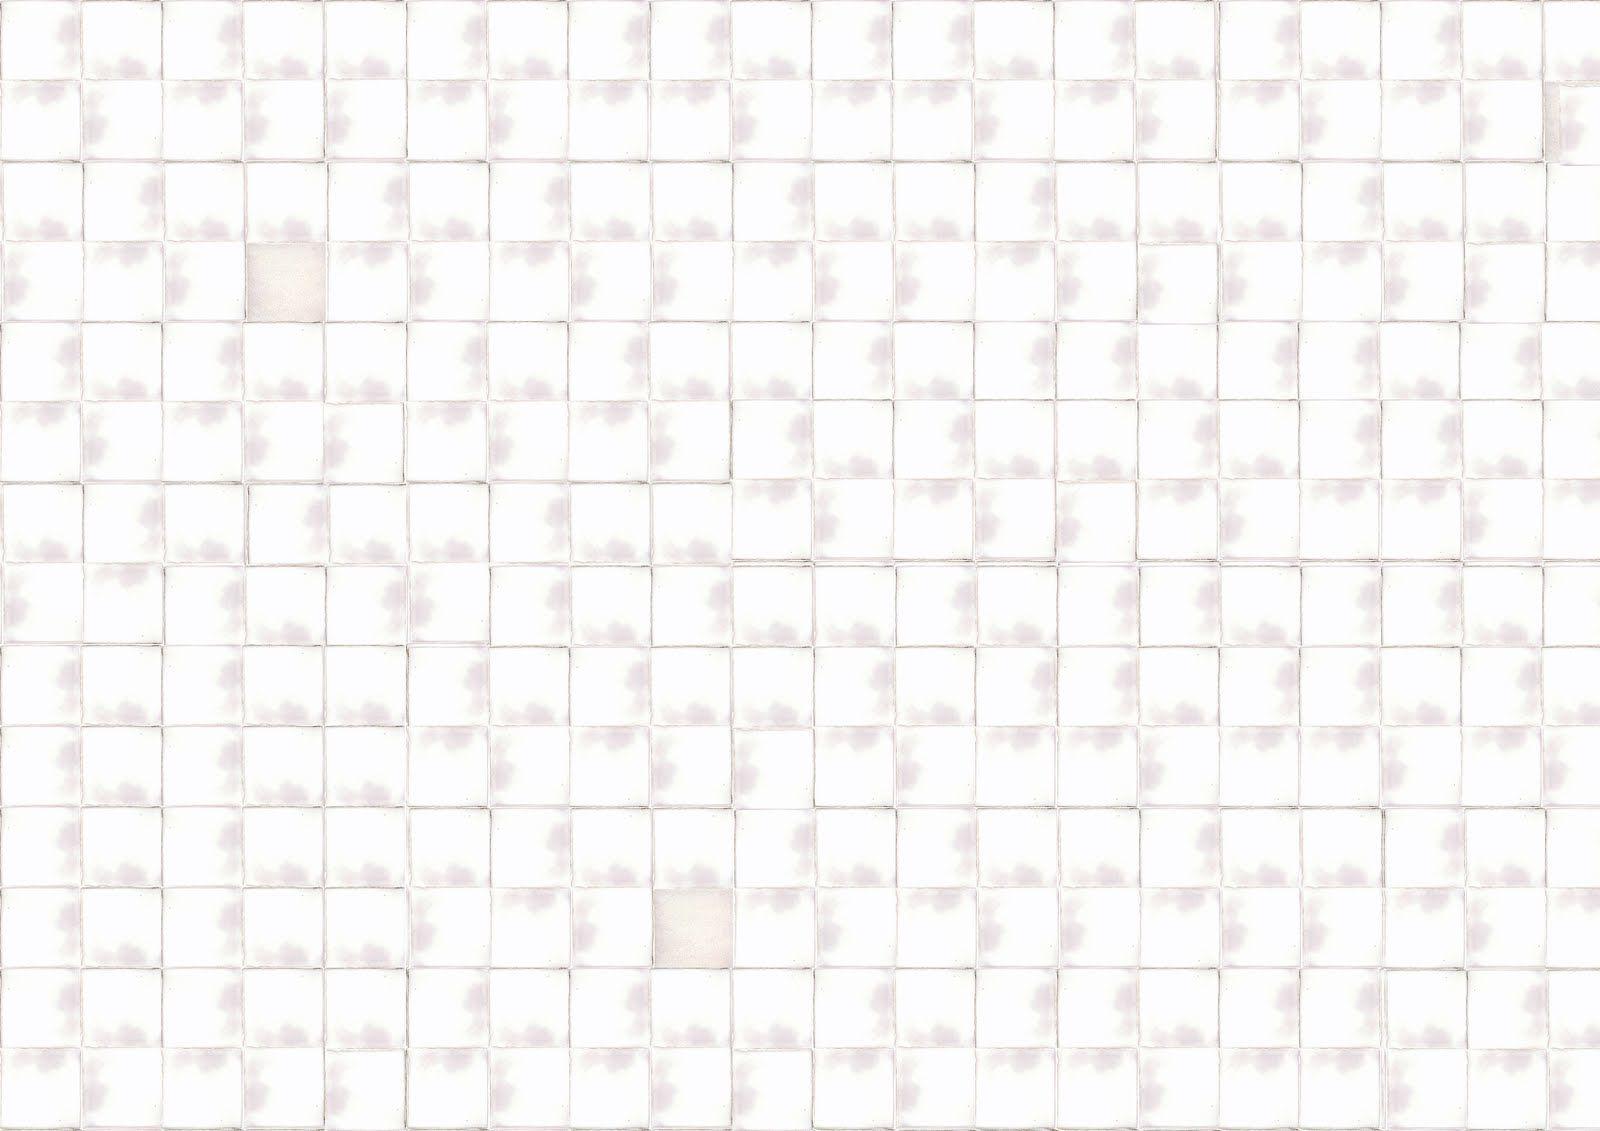 Casa de muñecas en papel blanco efecto de baldosas de terracota en miniatura de suelos